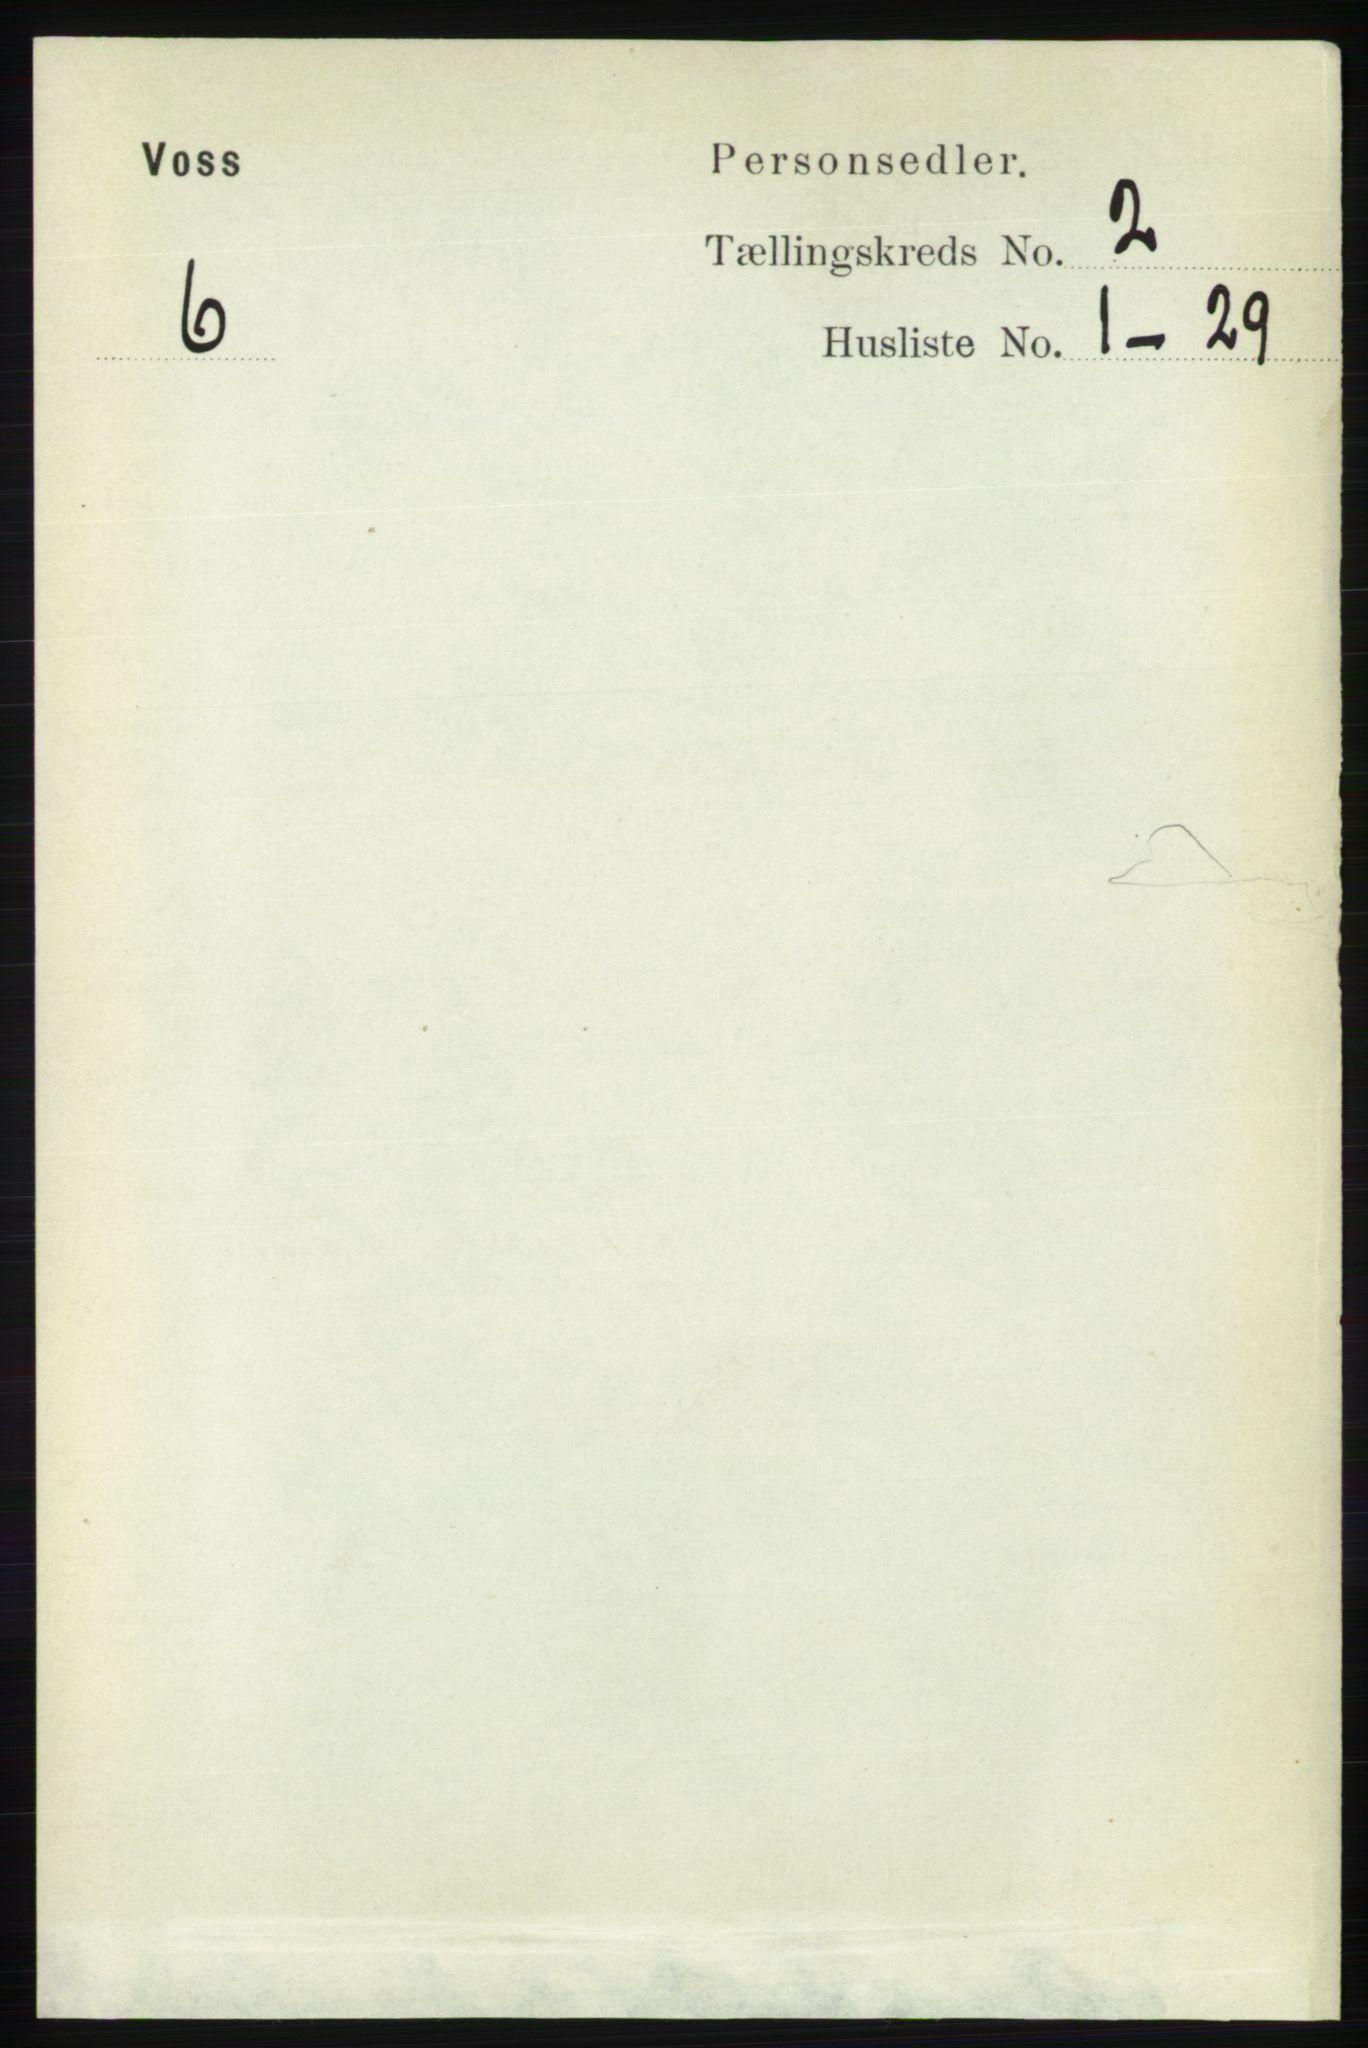 RA, Folketelling 1891 for 1235 Voss herred, 1891, s. 624